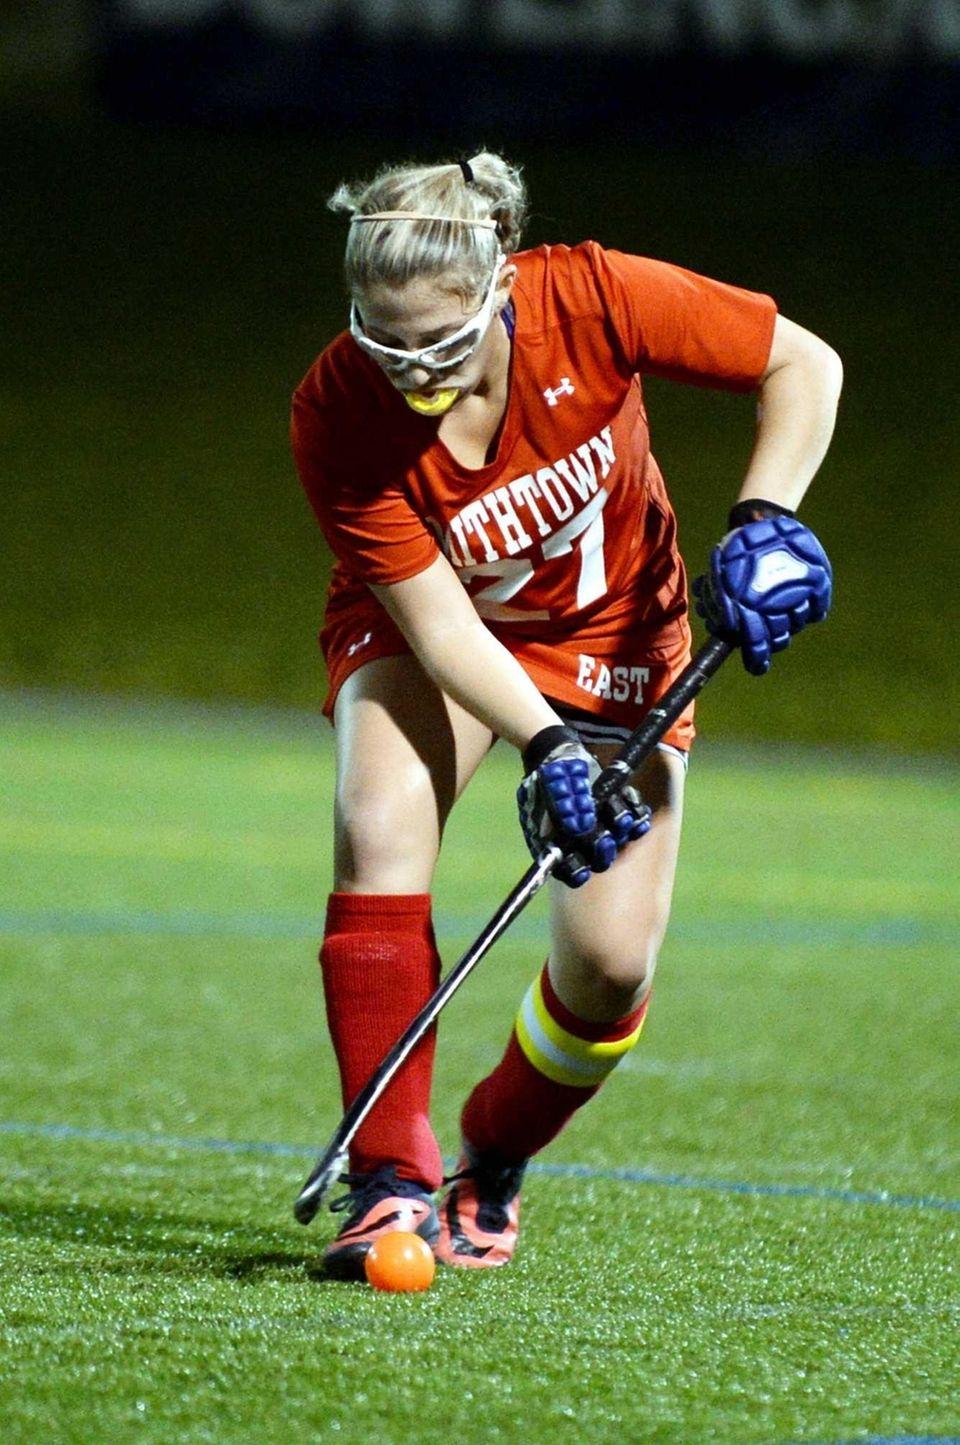 Smithtown East senior Kristina Freshour controls the ball